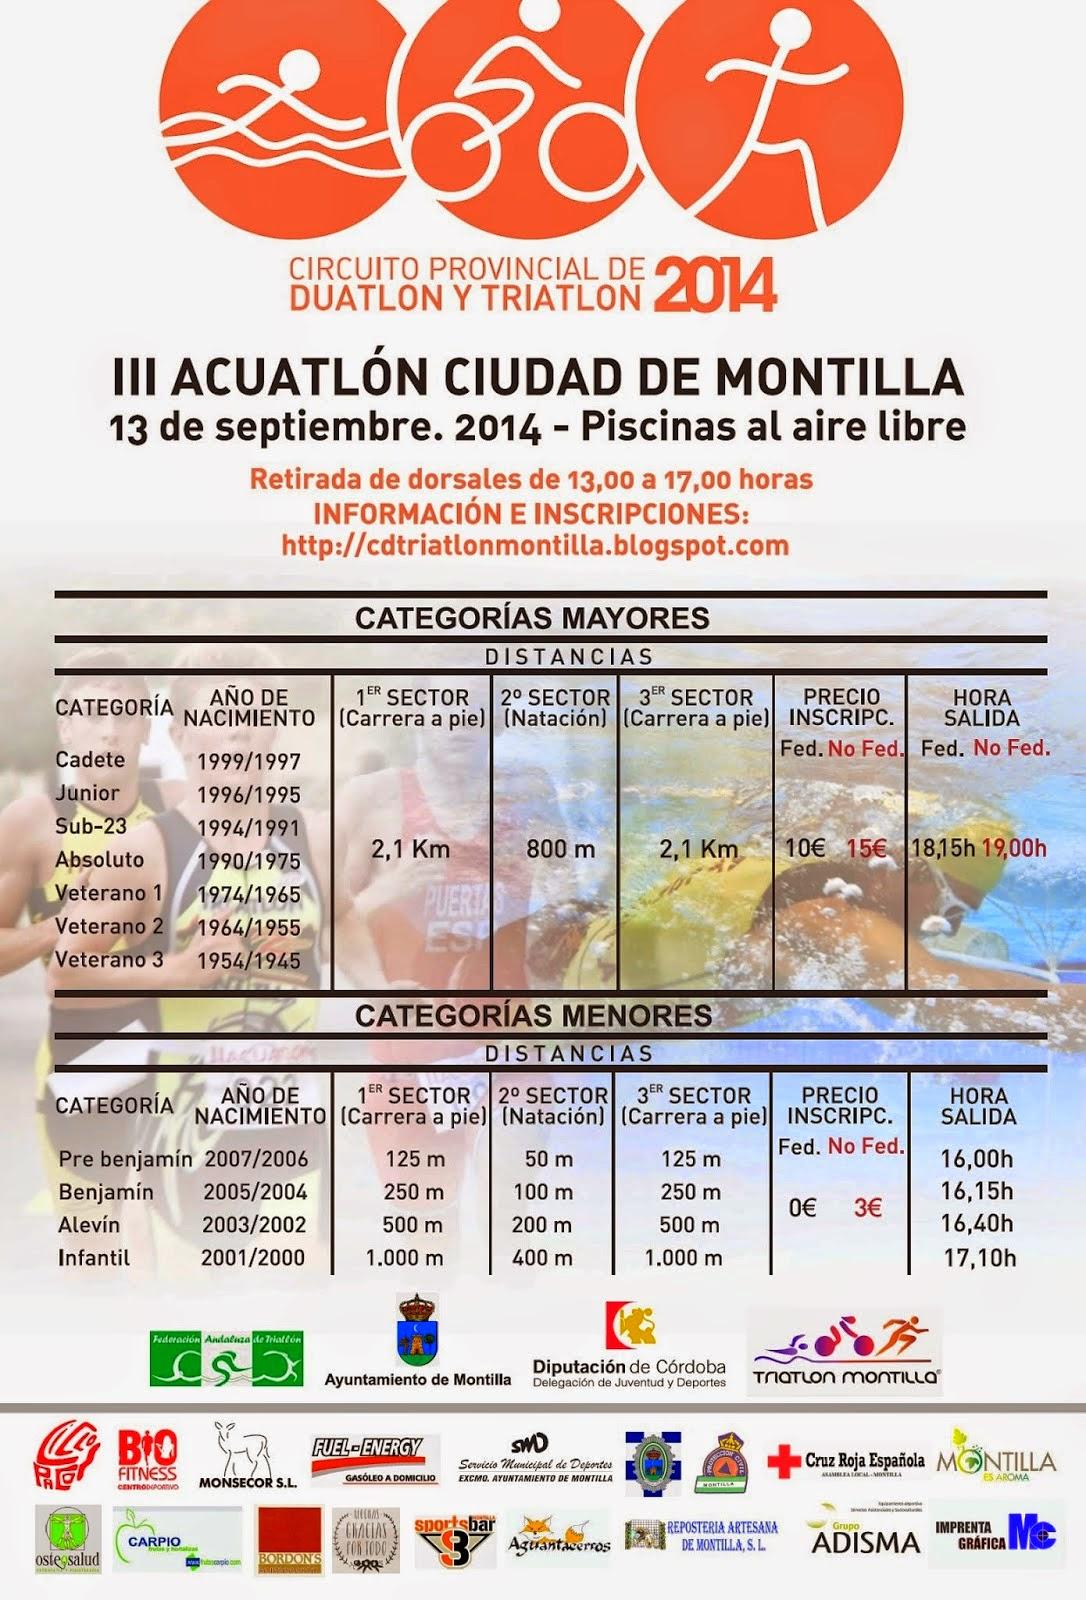 III ACUATLÓN CIUDAD DE MONTILLA